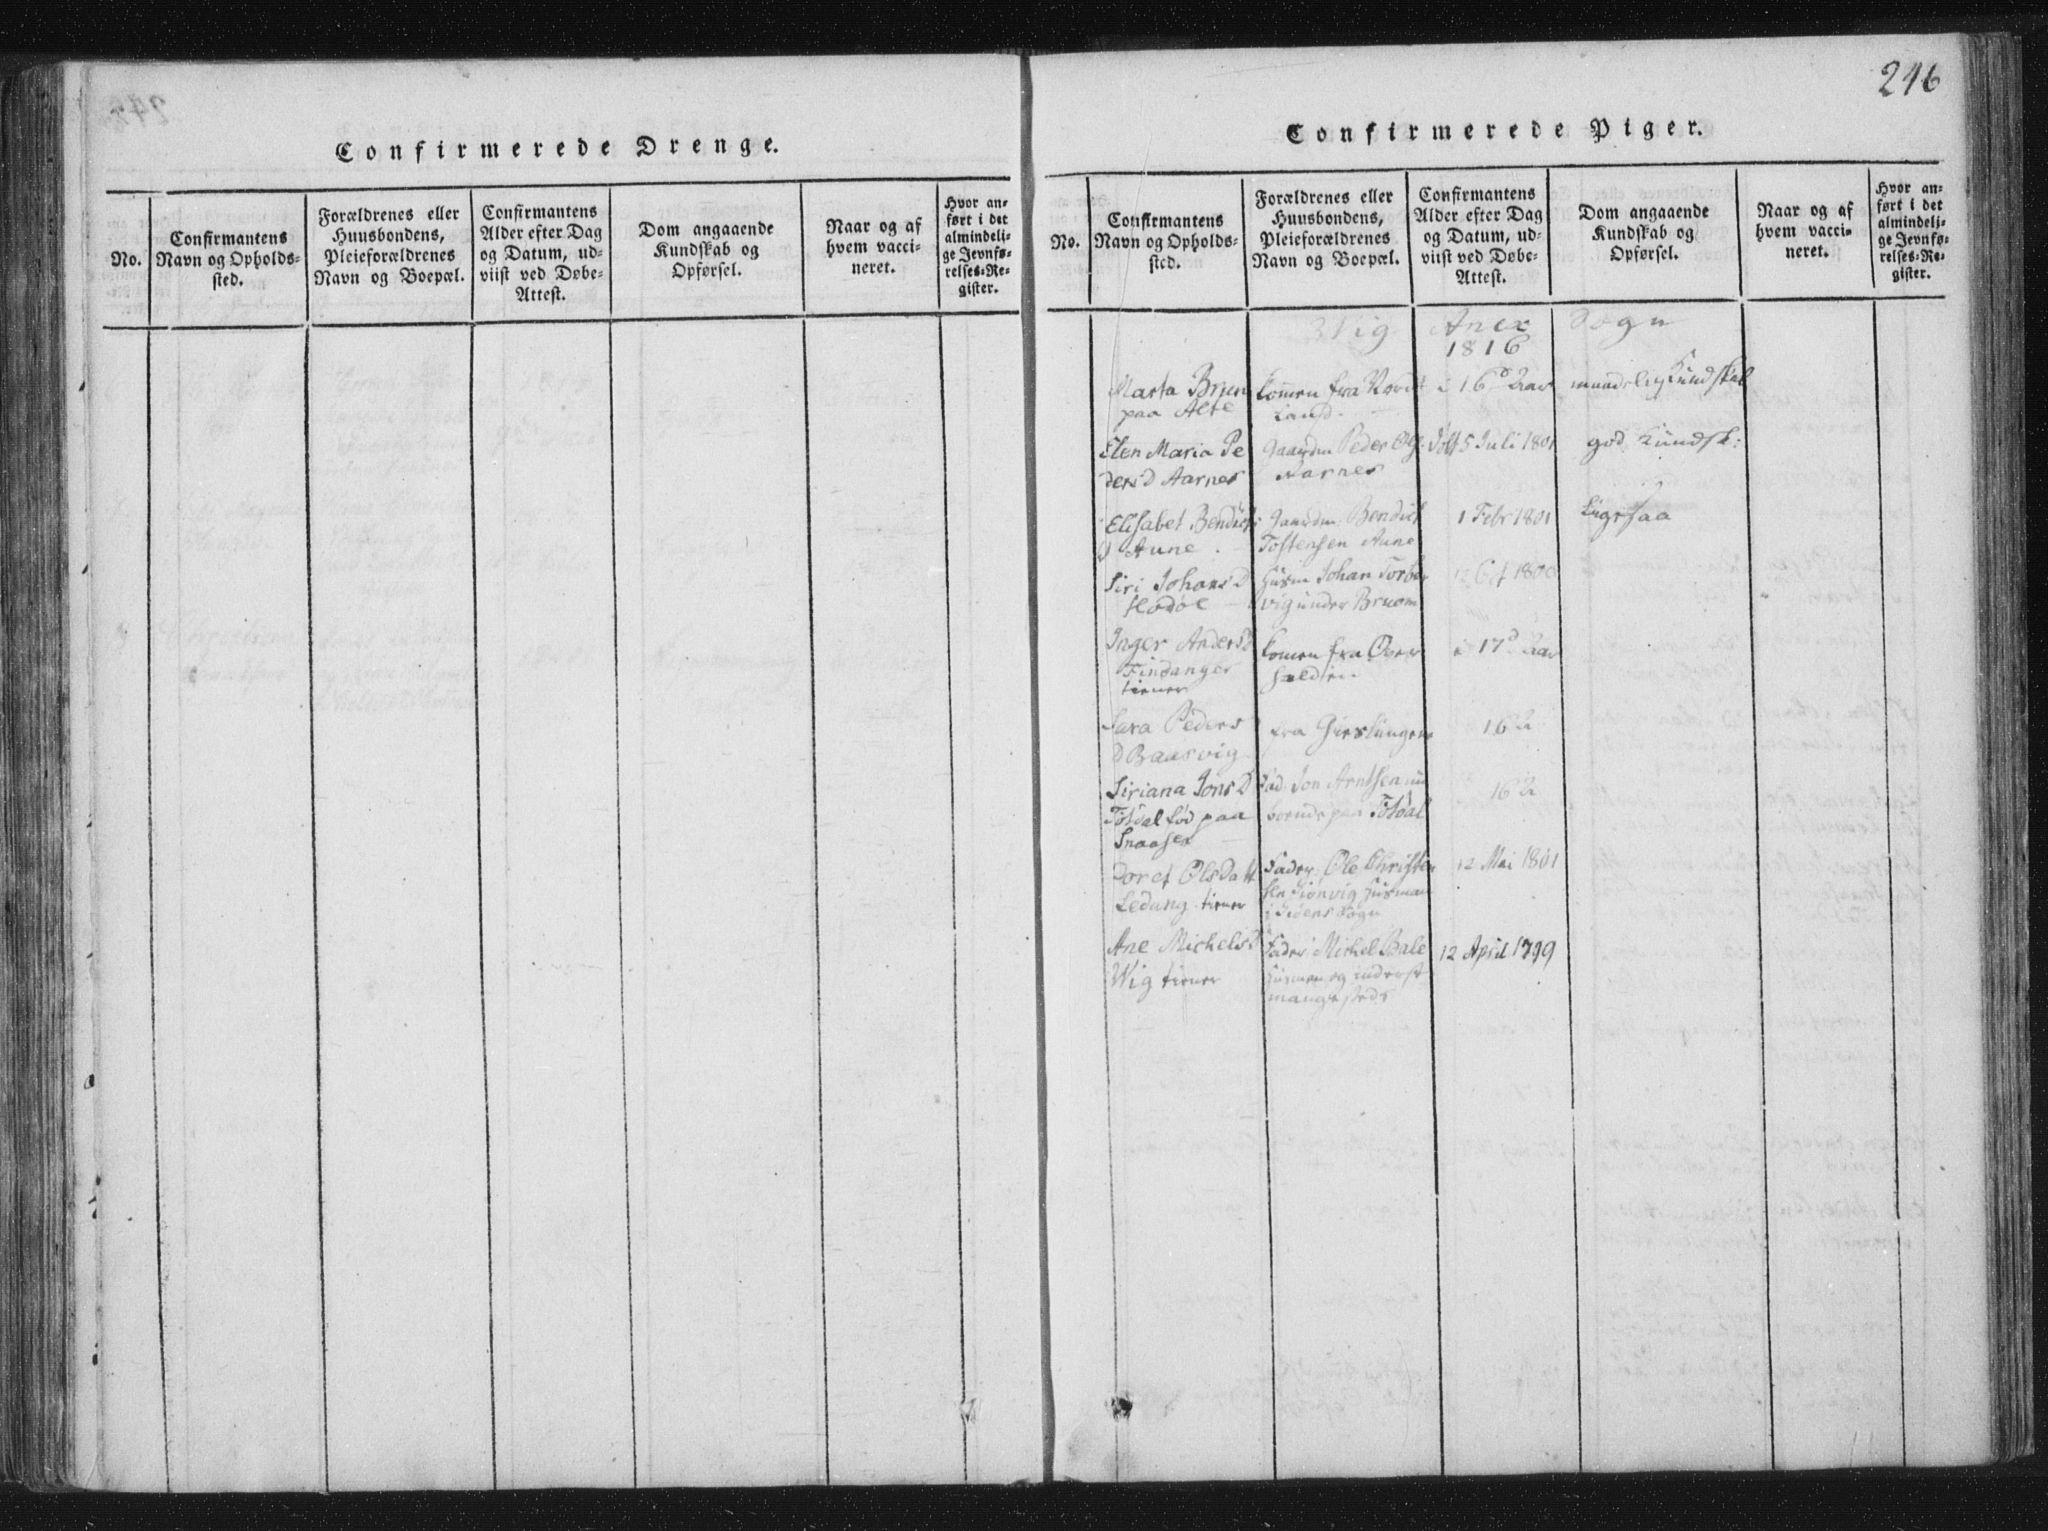 SAT, Ministerialprotokoller, klokkerbøker og fødselsregistre - Nord-Trøndelag, 773/L0609: Ministerialbok nr. 773A03 /2, 1815-1830, s. 246